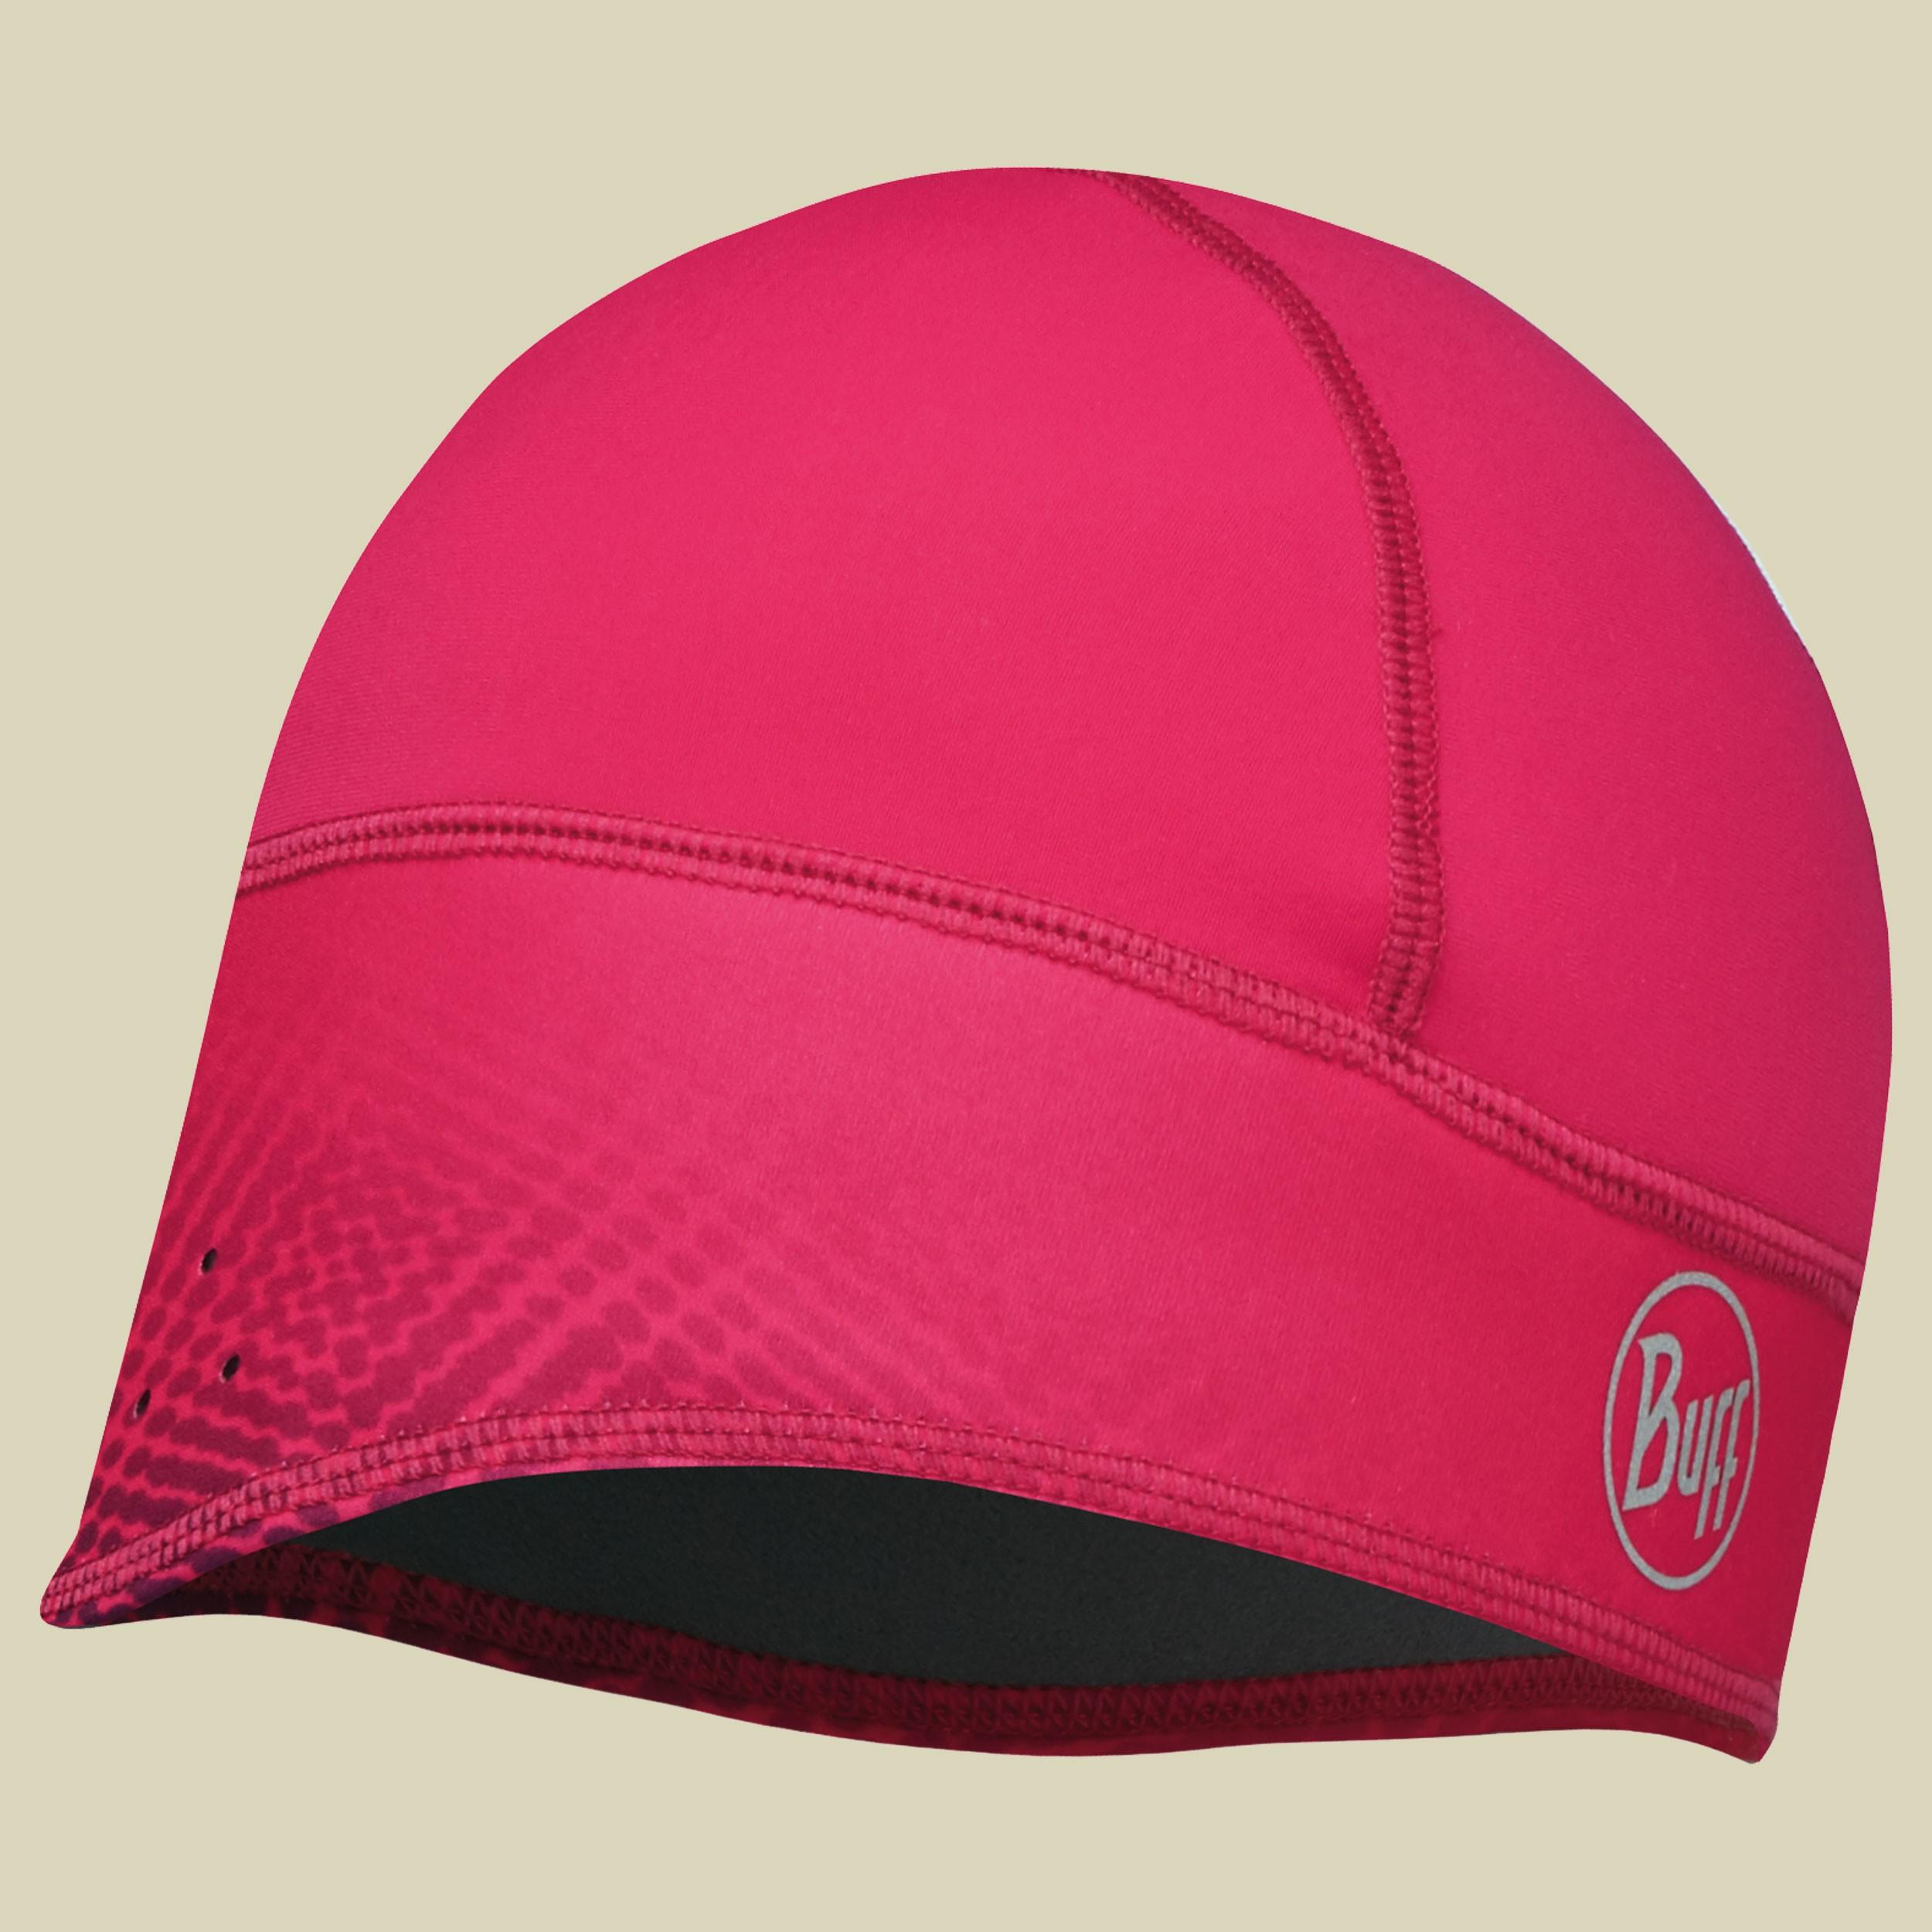 Windproof & Tech Fleece Hat